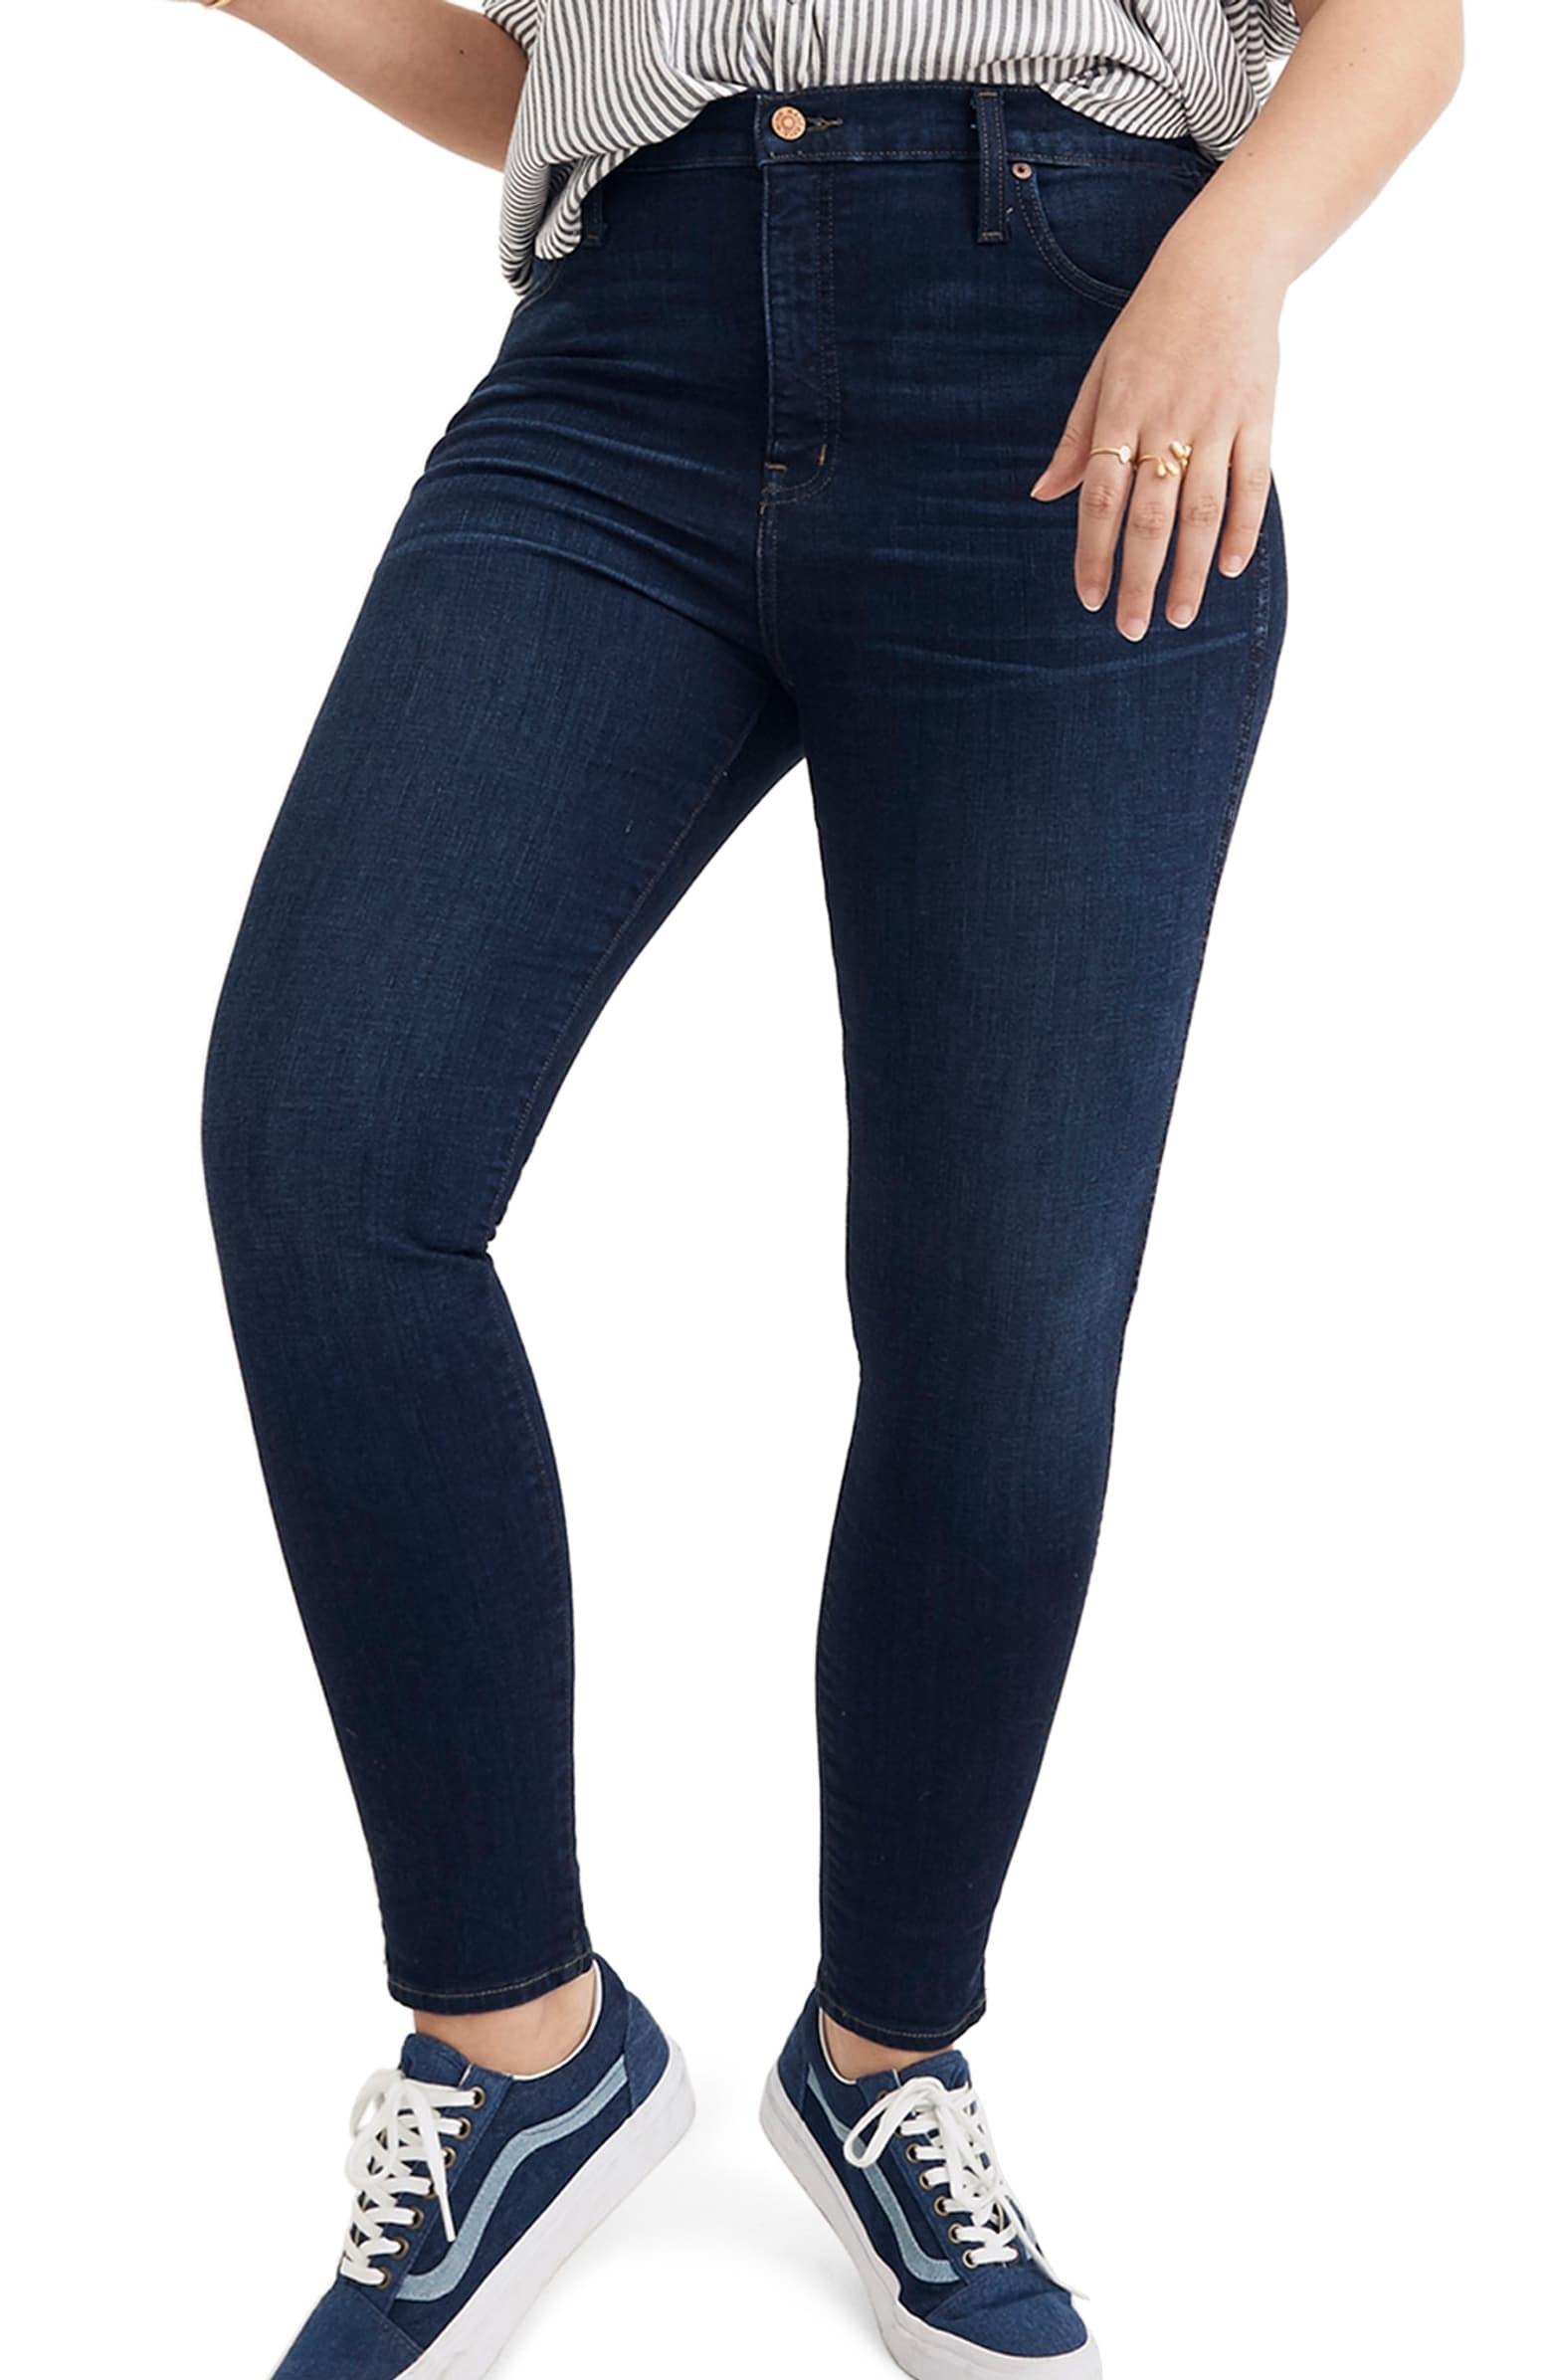 Plus-size model wearing the dark blue jeans